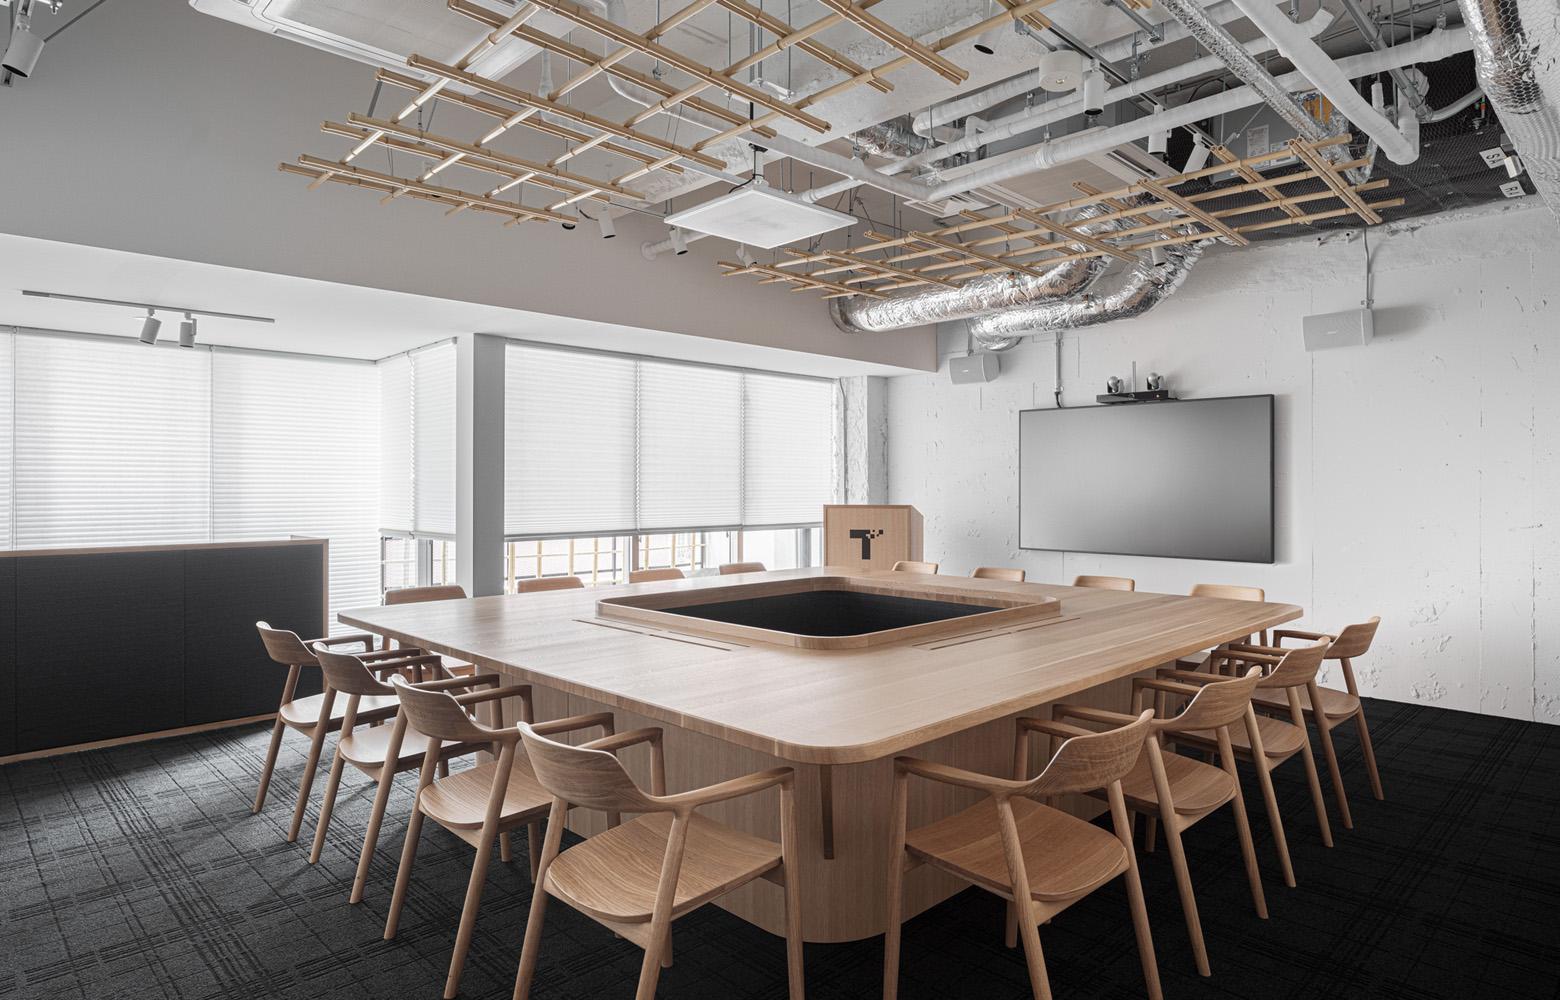 トヨタコネクティッド株式会社 Meeting Room デザイン・レイアウト事例